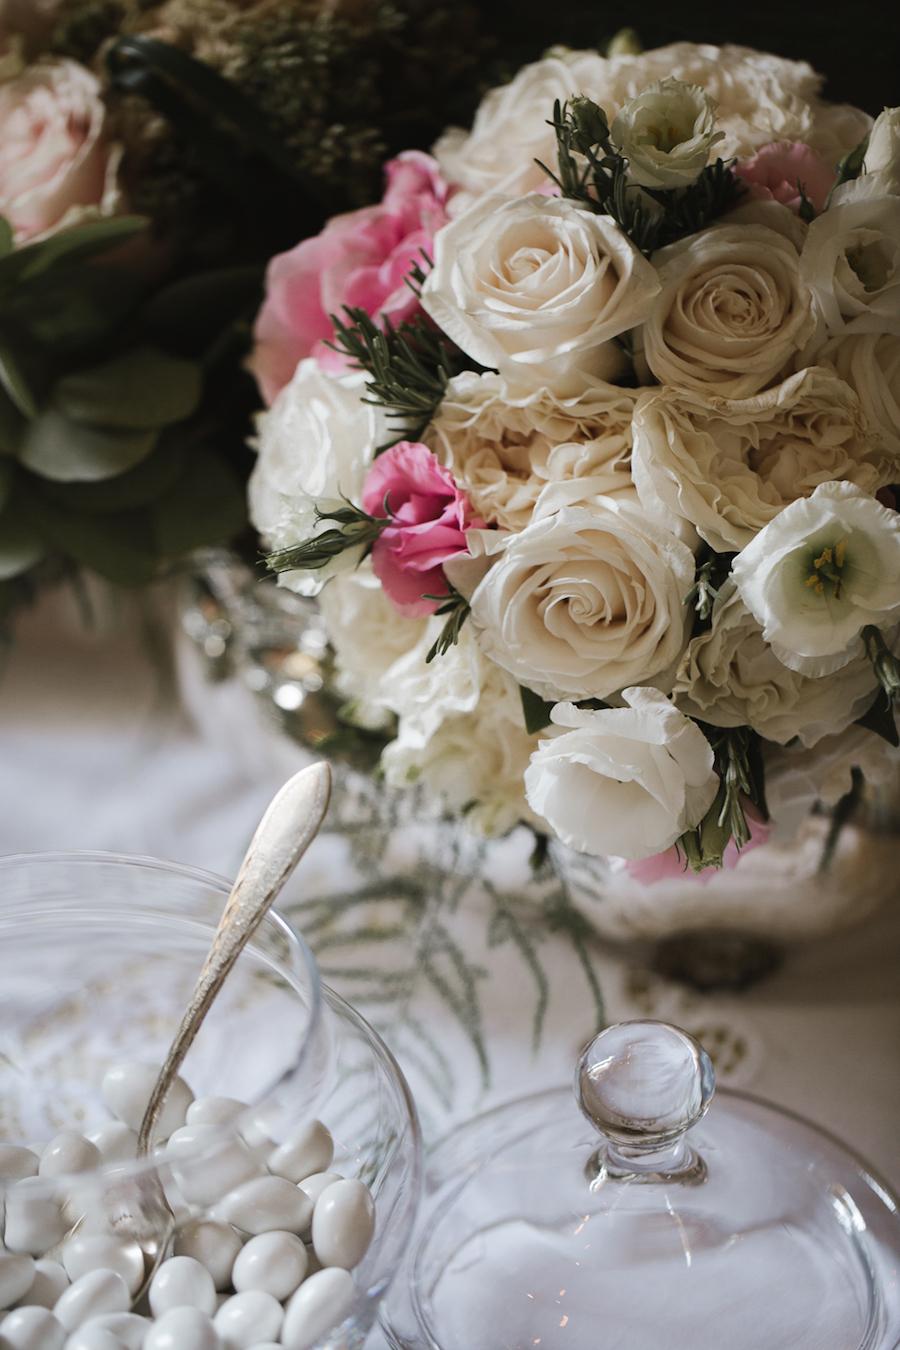 composizione floreale rosa e avorio